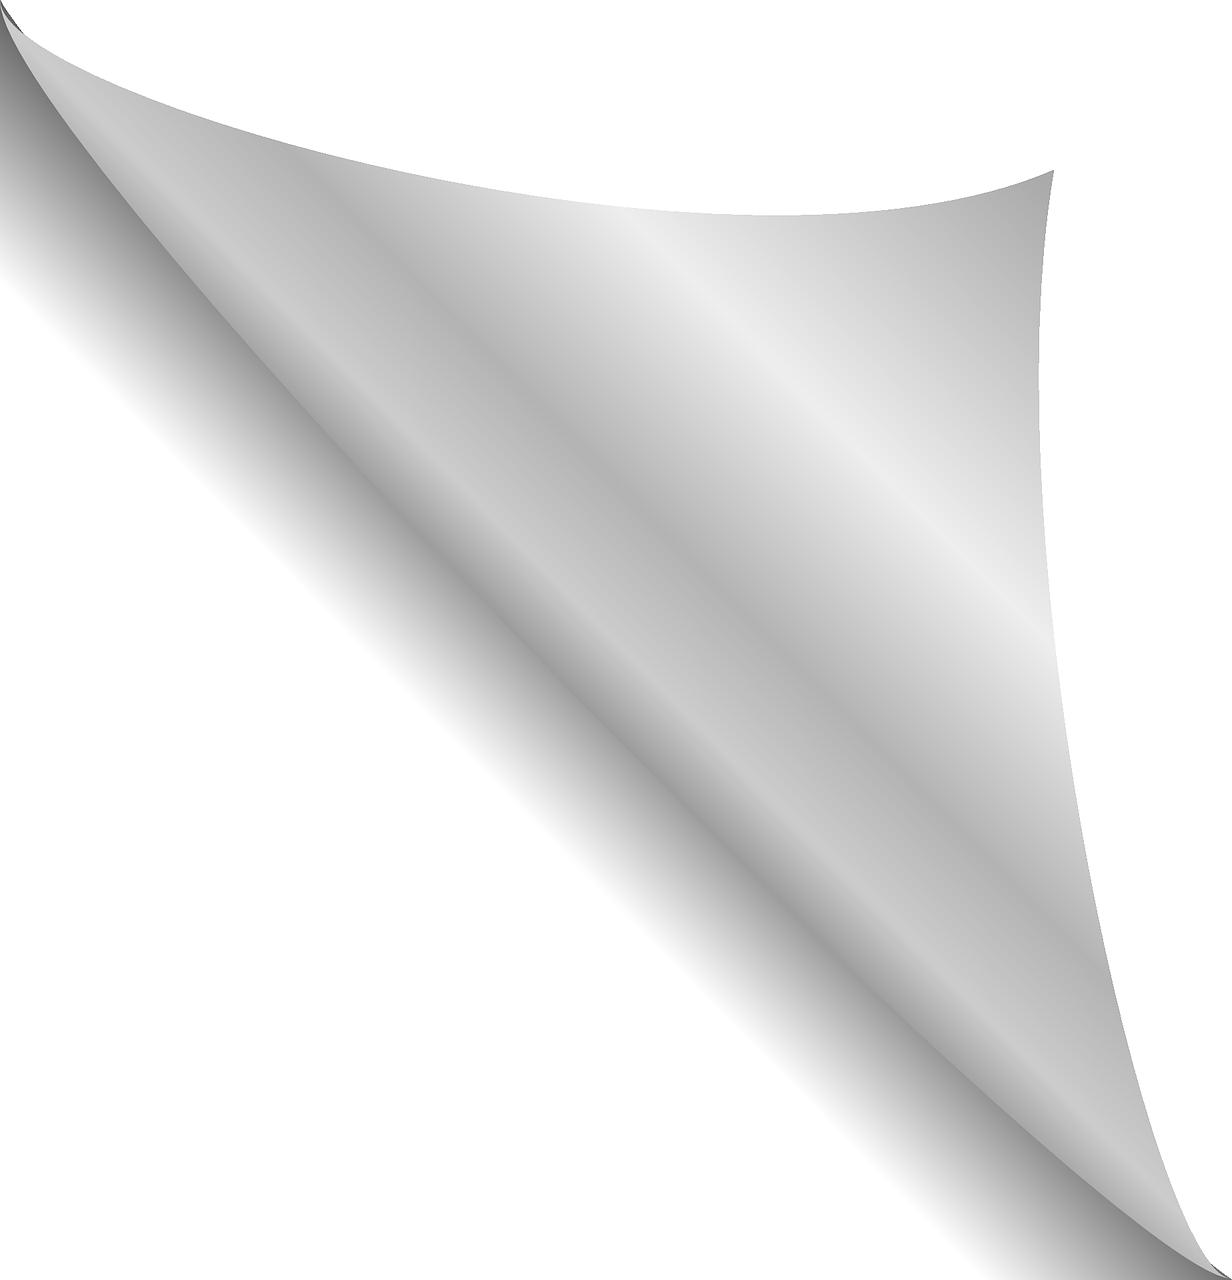 Картинка перевернутая страница